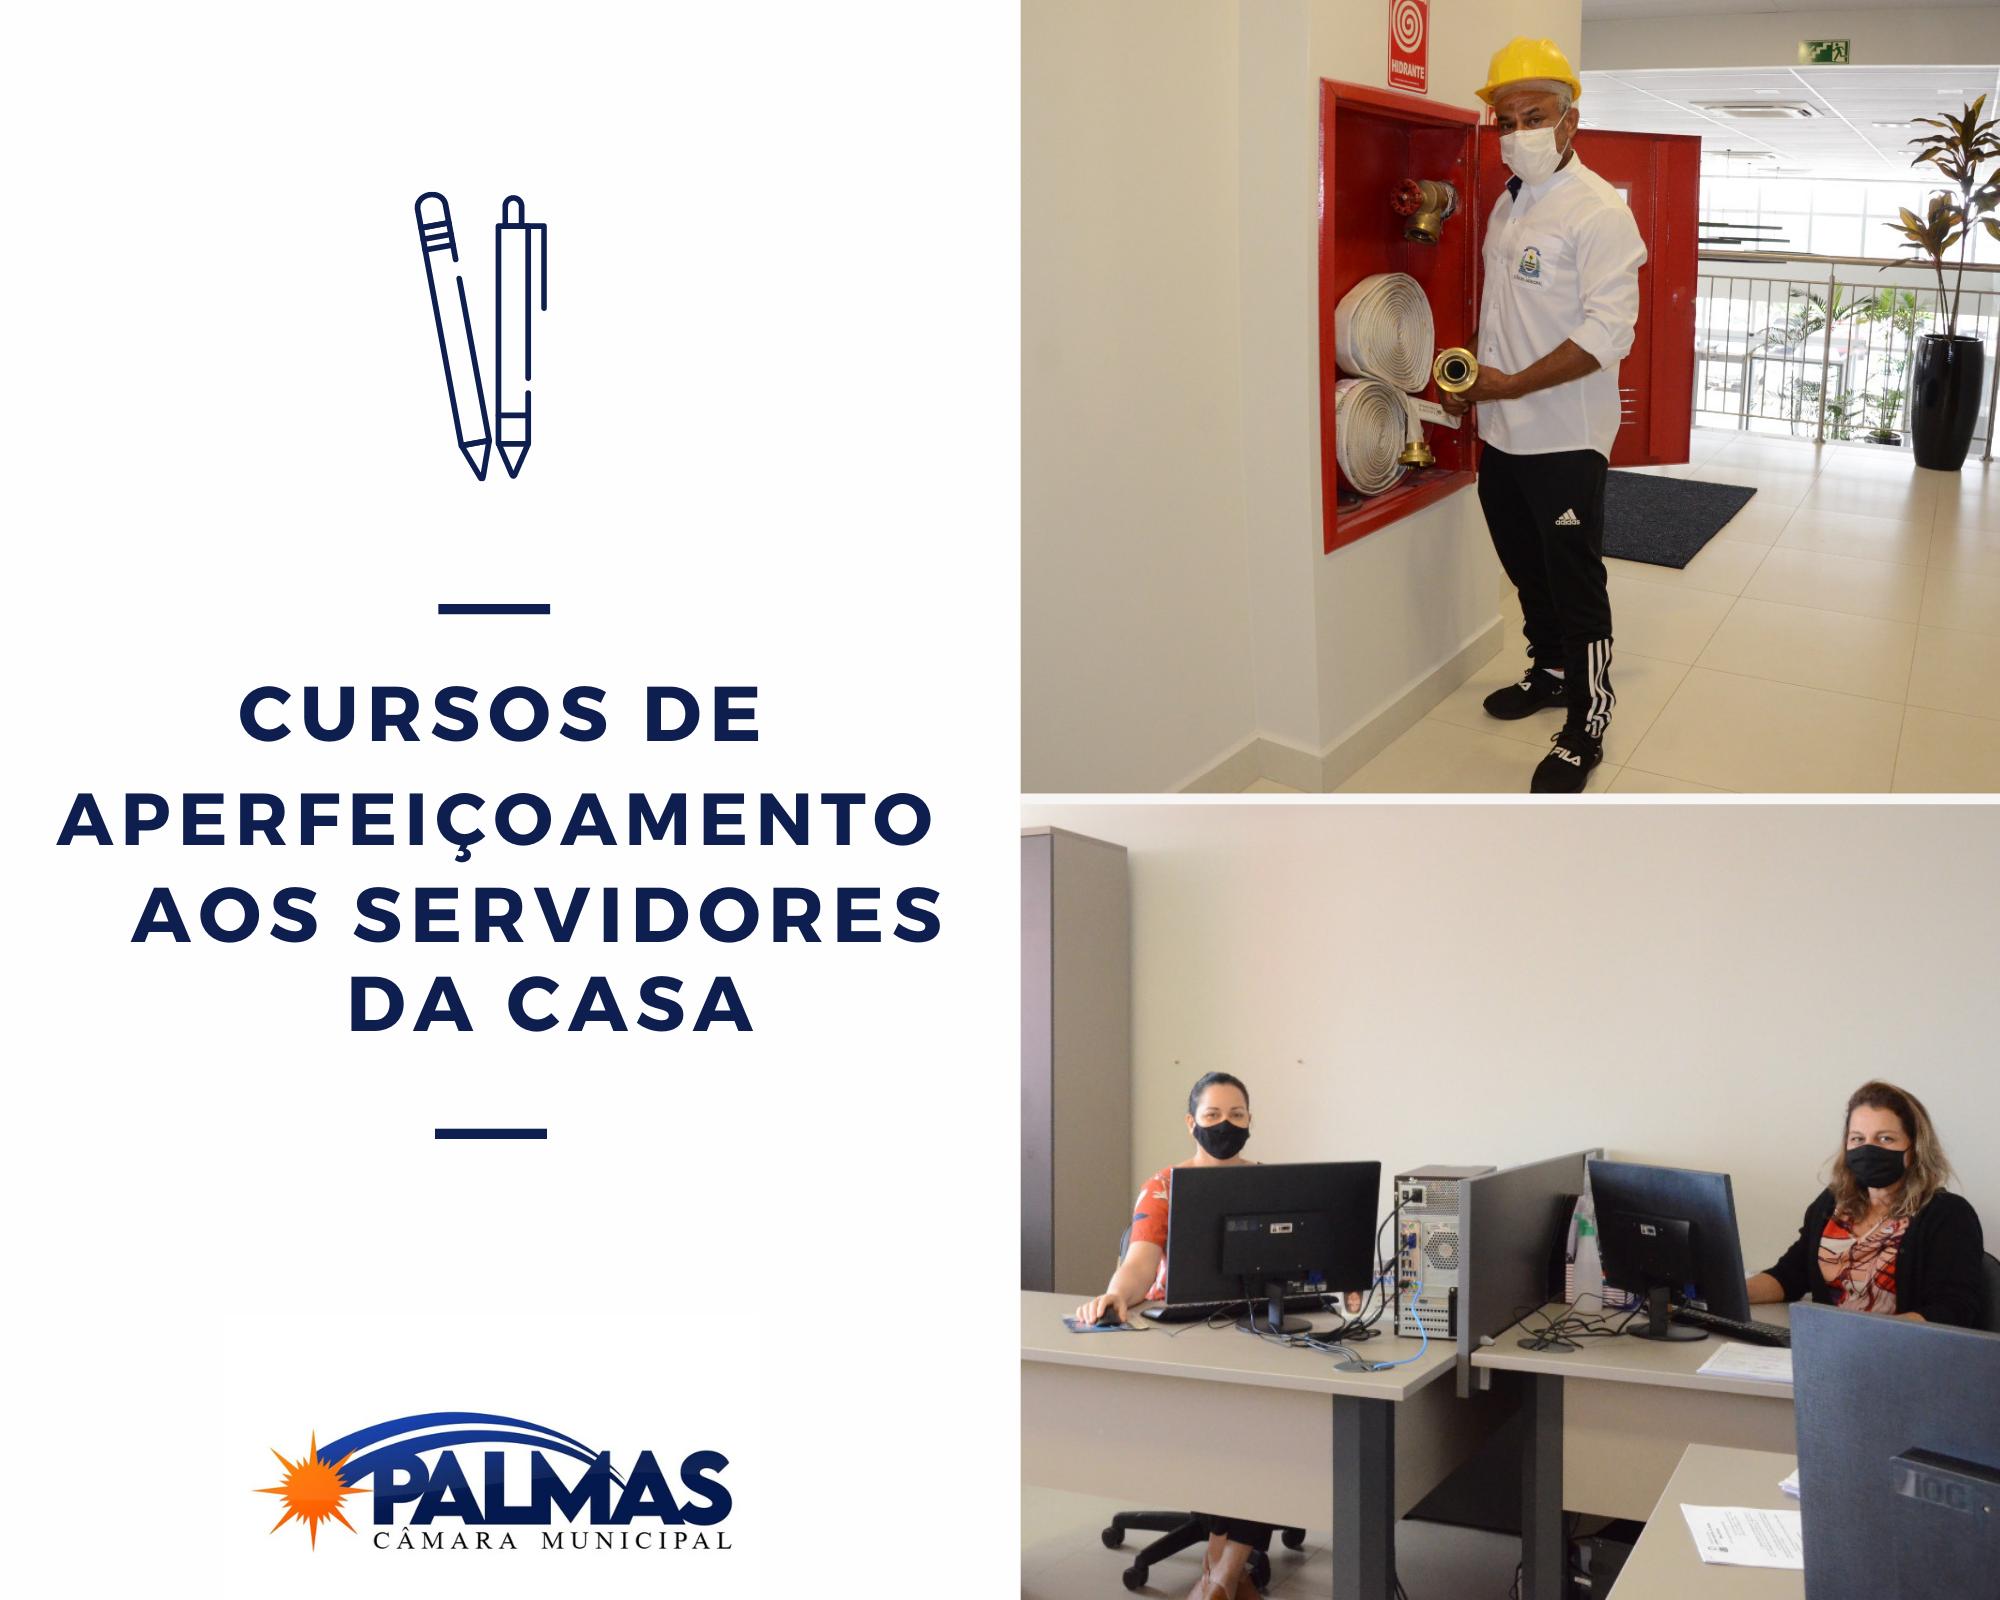 Câmara de Palmas oferta cursos de aperfeiçoamento aos servidores da Casa